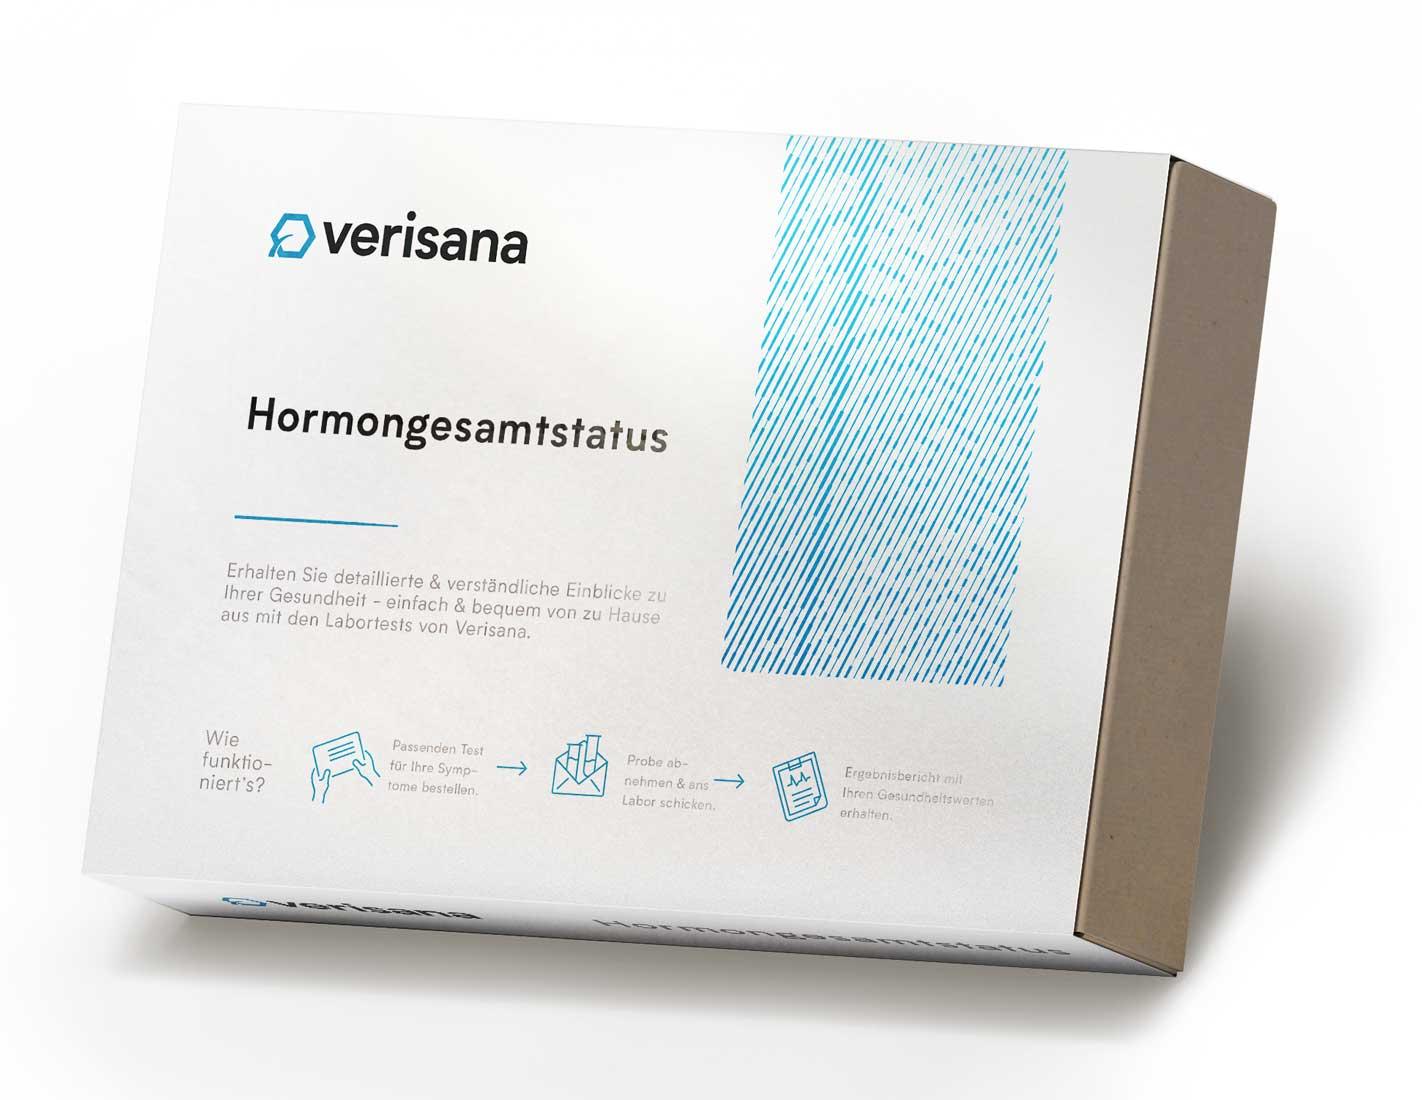 Hormongesamtstatus, Speicheltest für Sexual- und Stresshormone